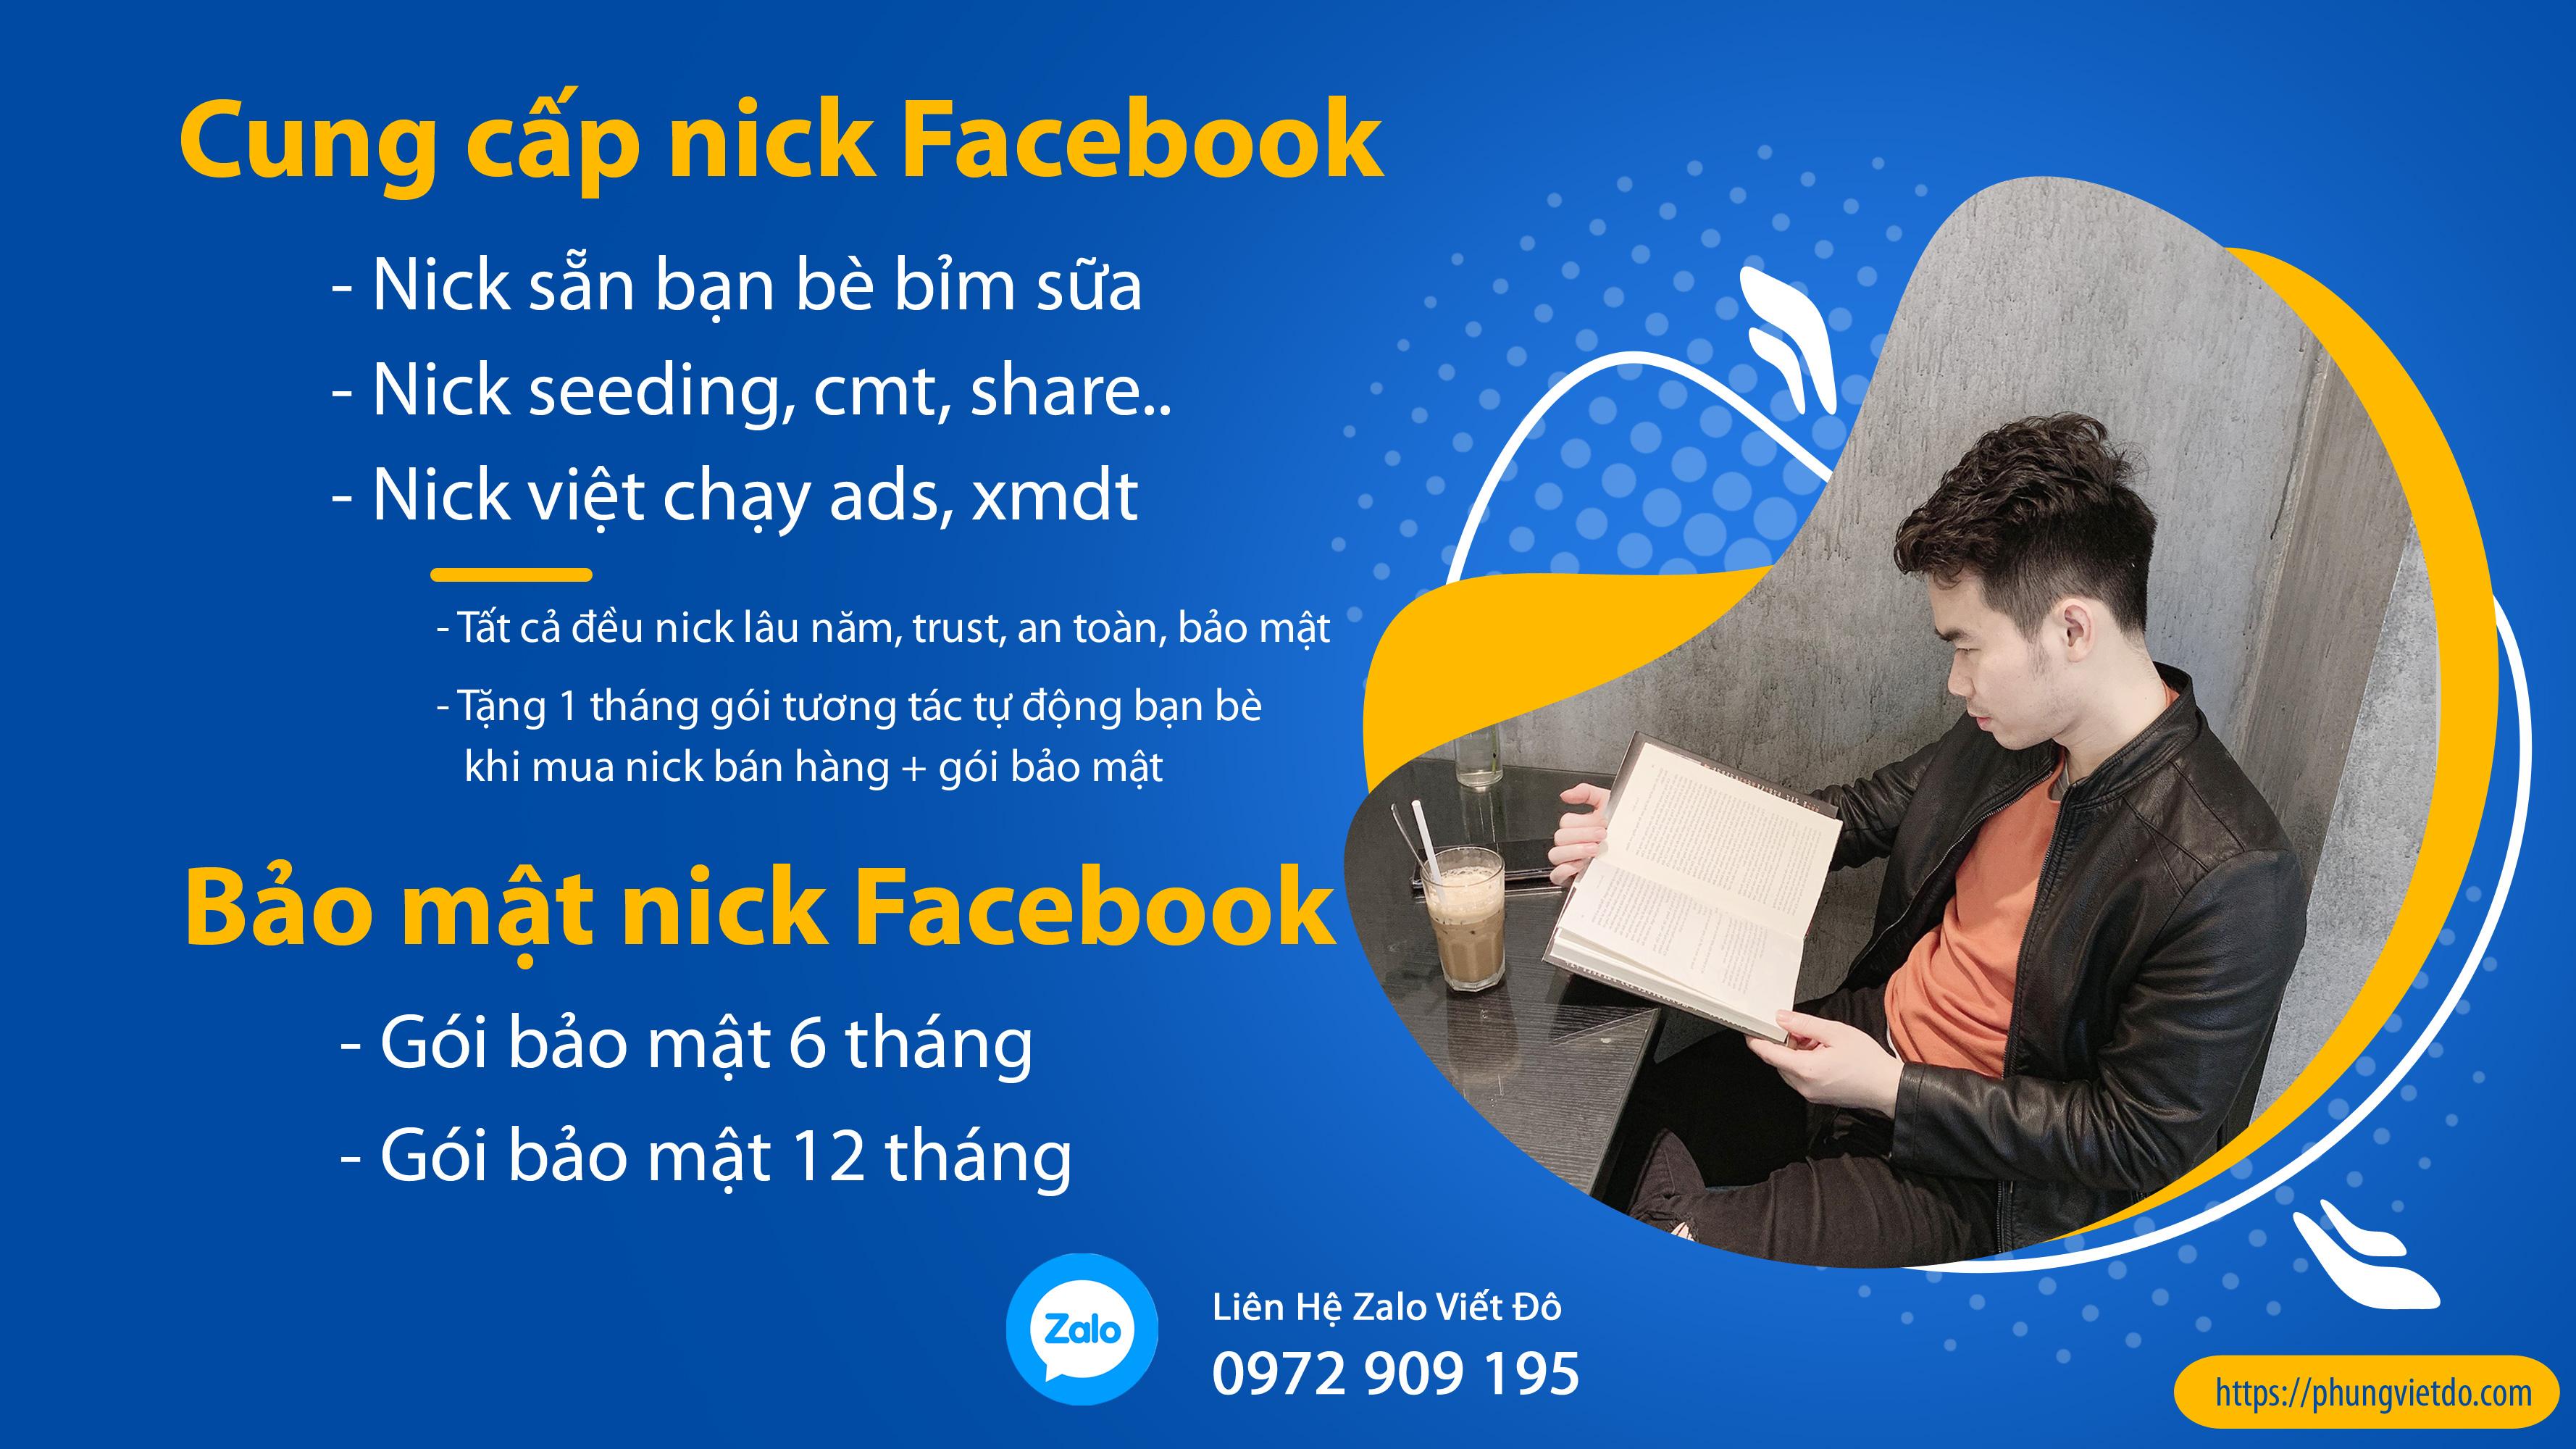 Mua Bán Nick Facebook – Cung Cấp Tài Khoản Facebook Bán Hàng